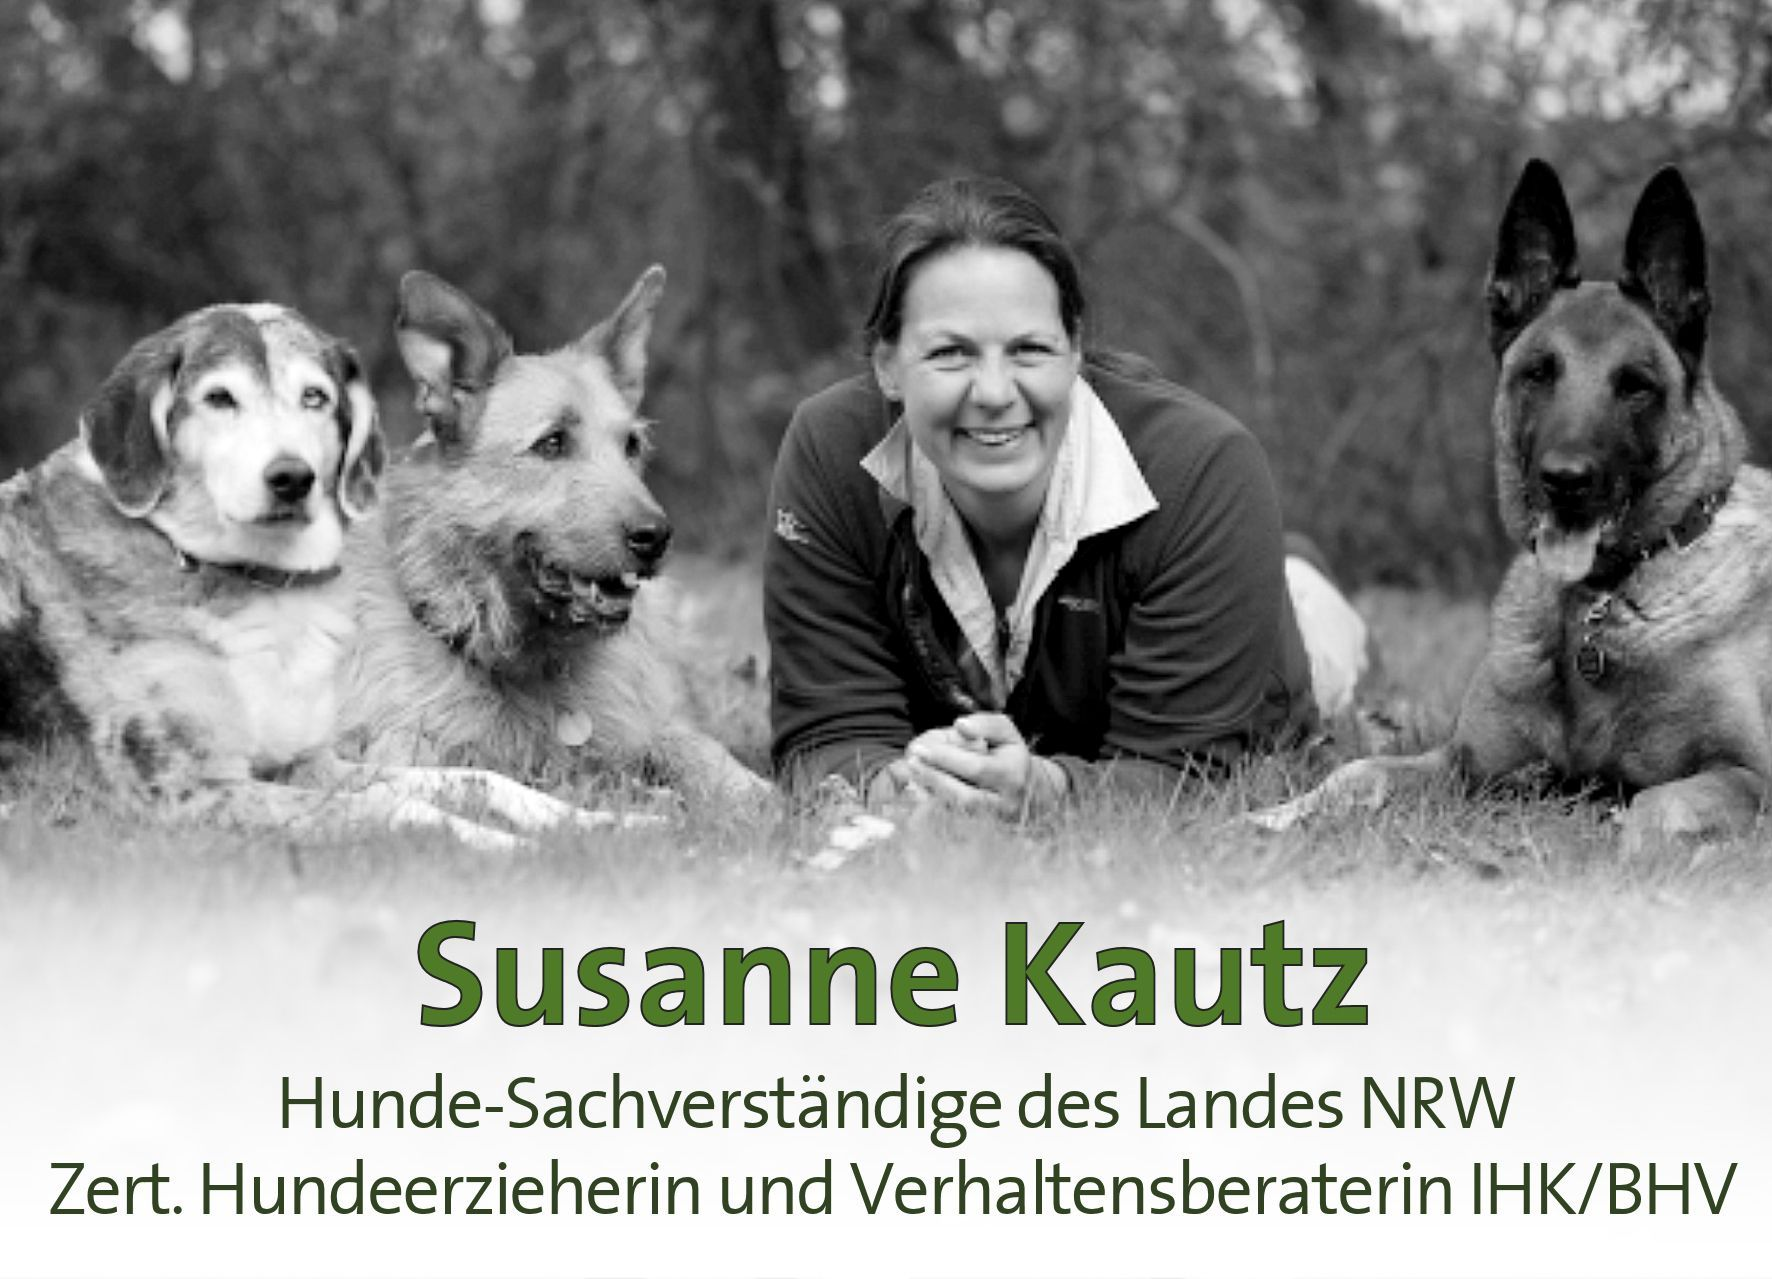 Ihr SNOPUS®-Team | SNOPUS® - Hunde fürs Leben